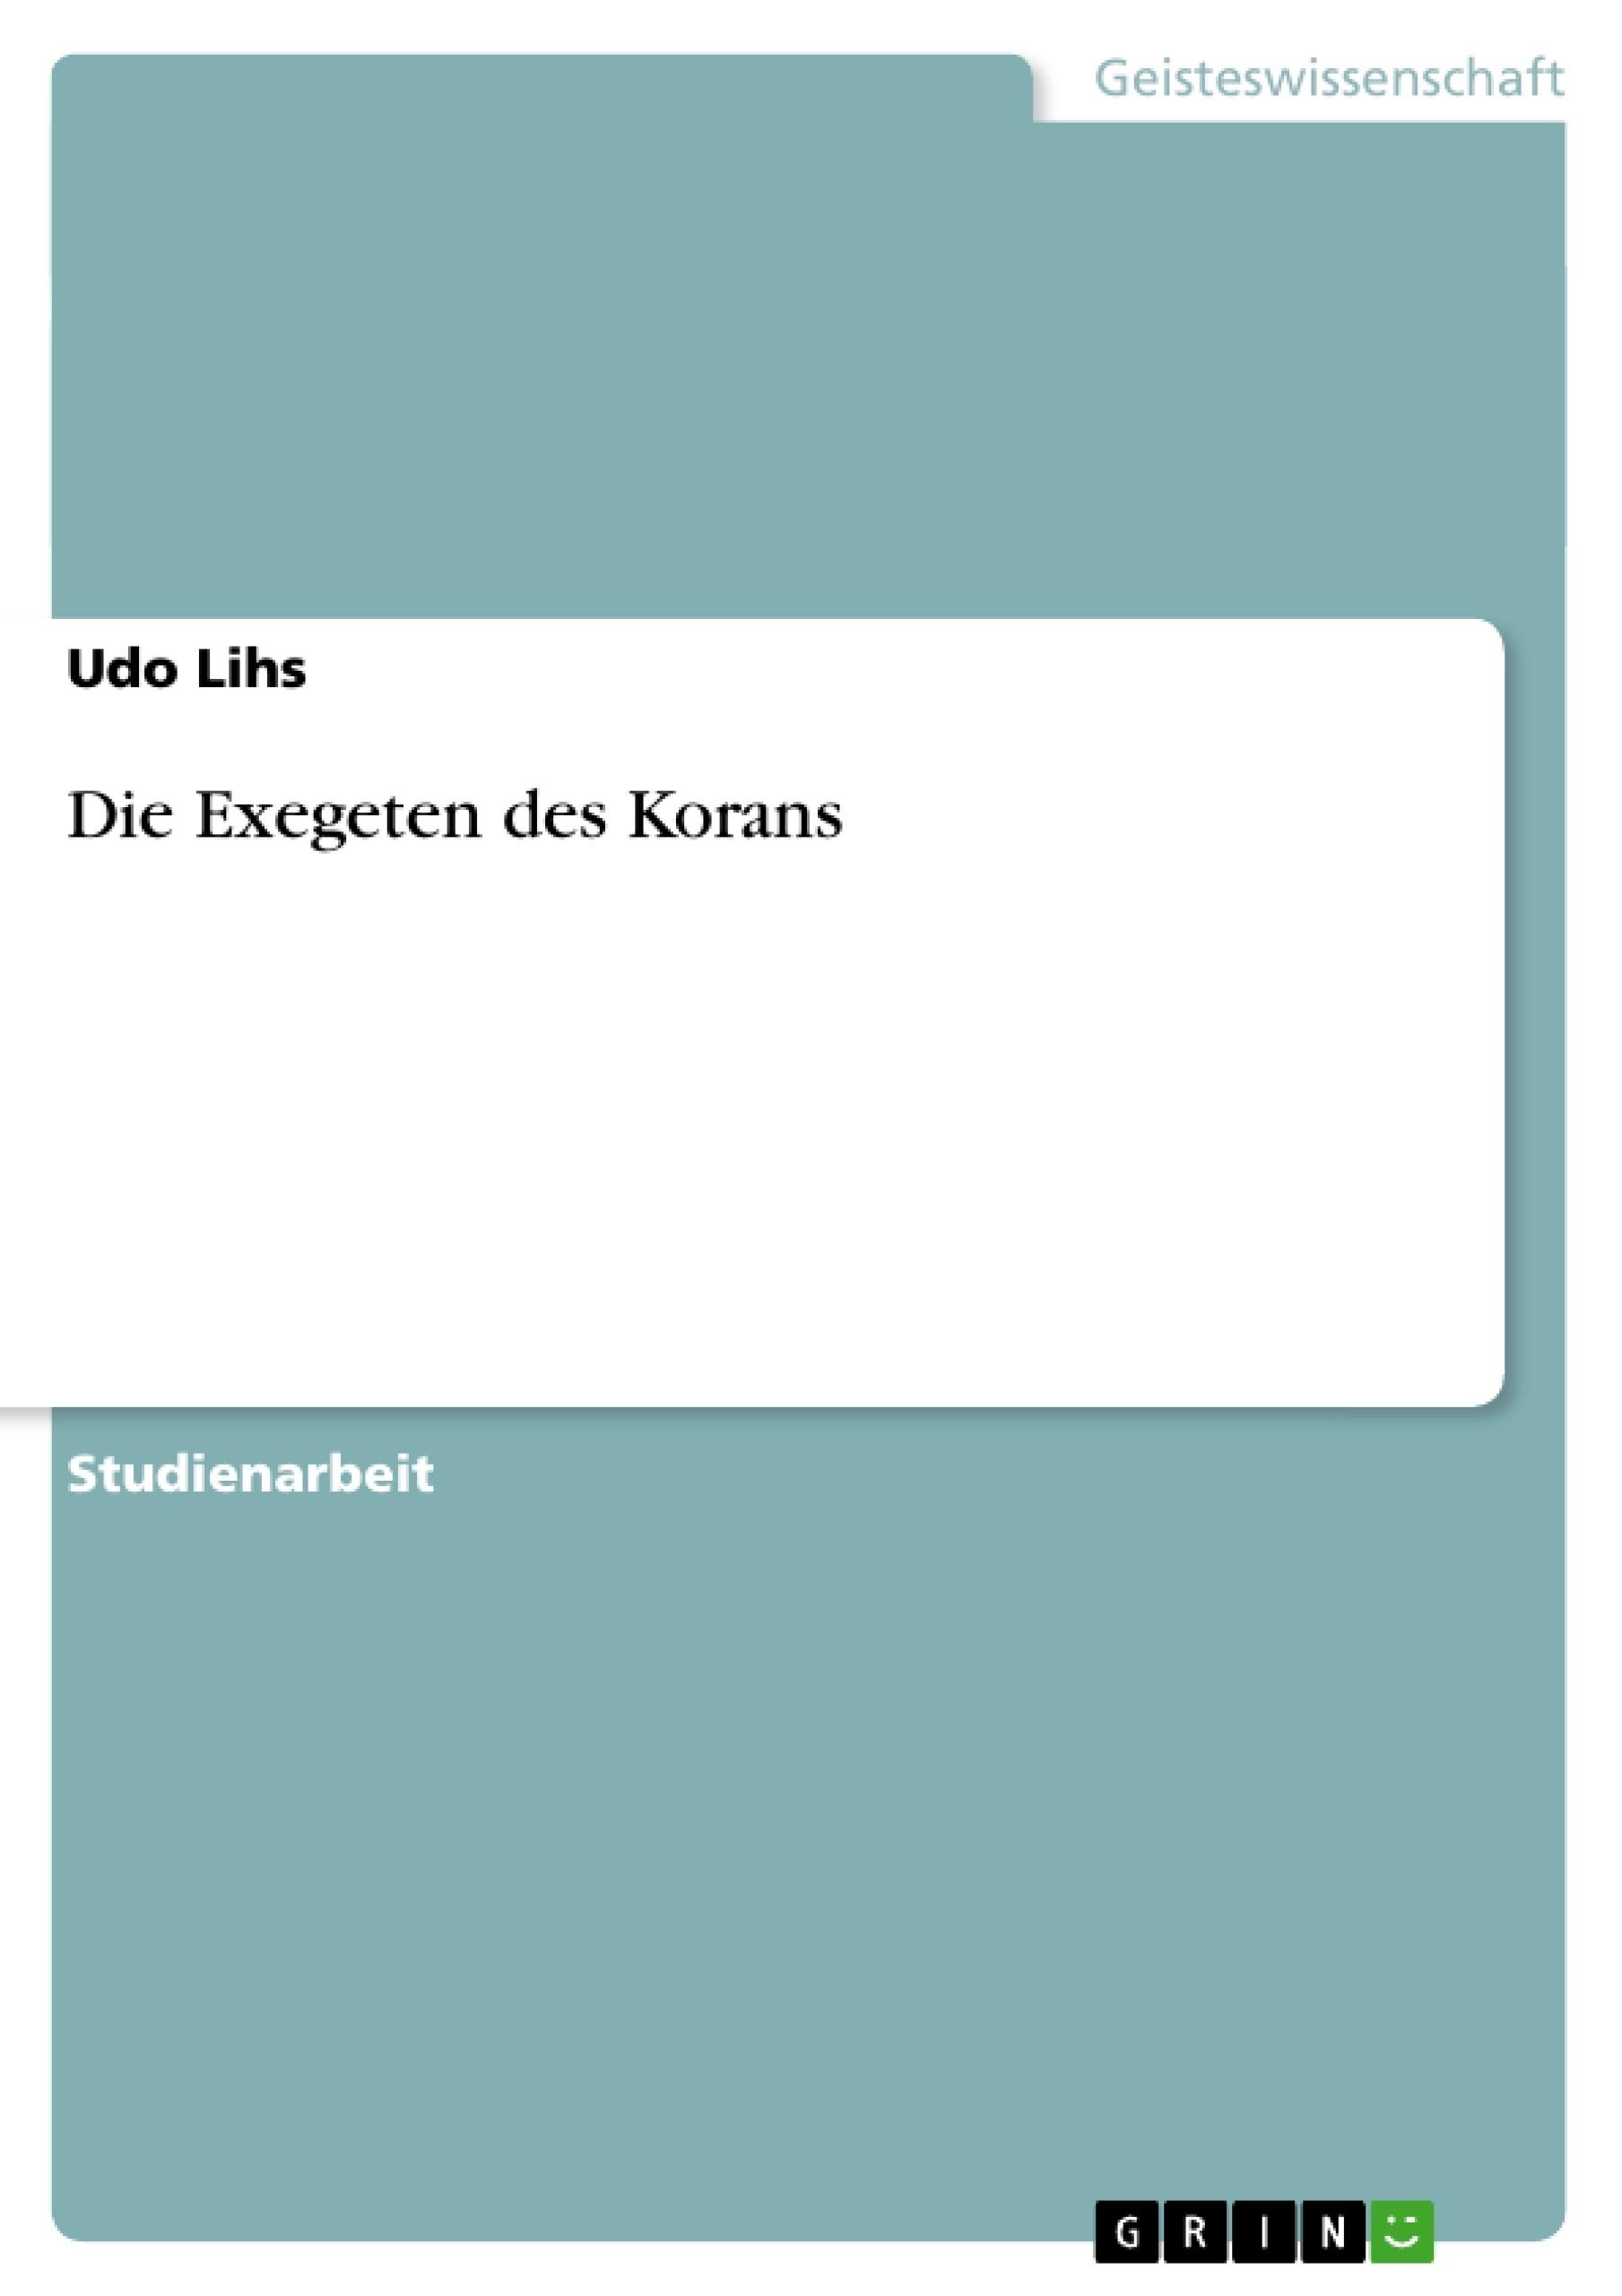 Titel: Die Exegeten des Korans